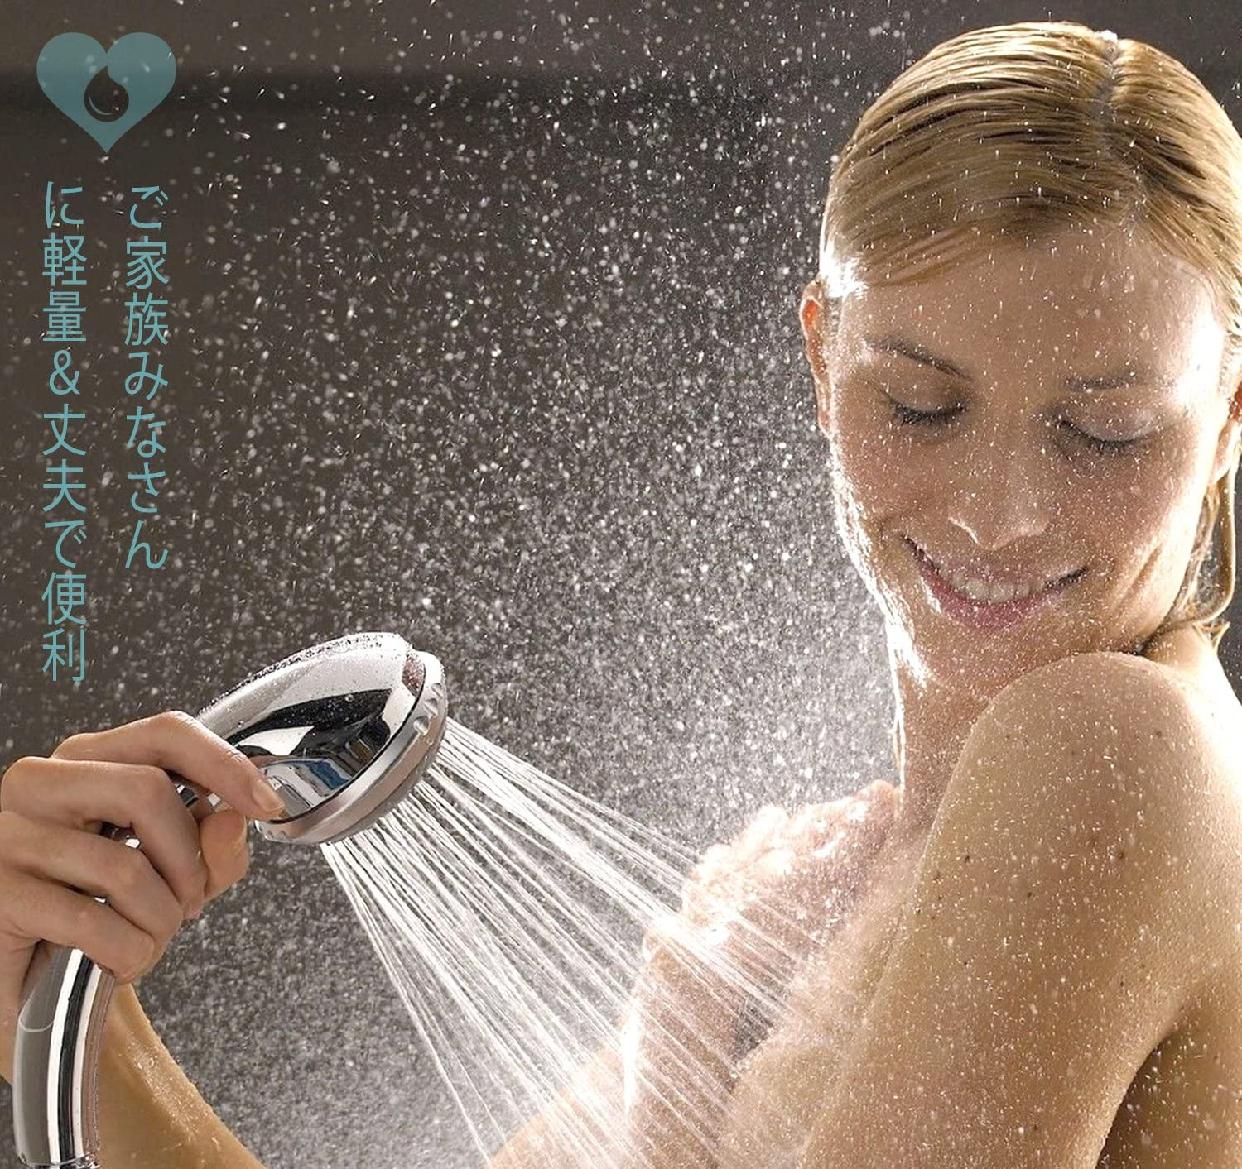 Aqua Love(あくあらぶ)シャワーヘッドの商品画像5